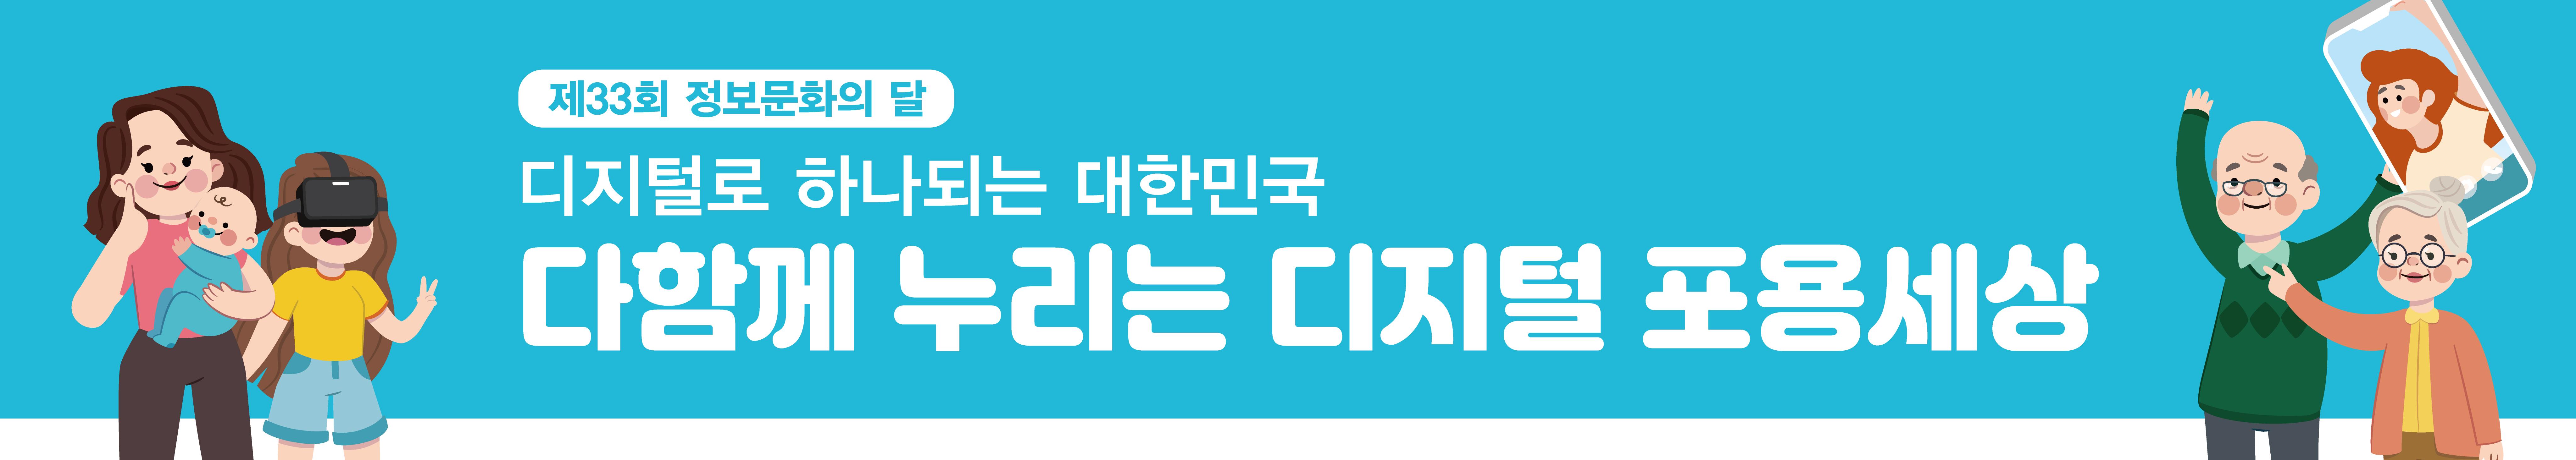 kcf-banner